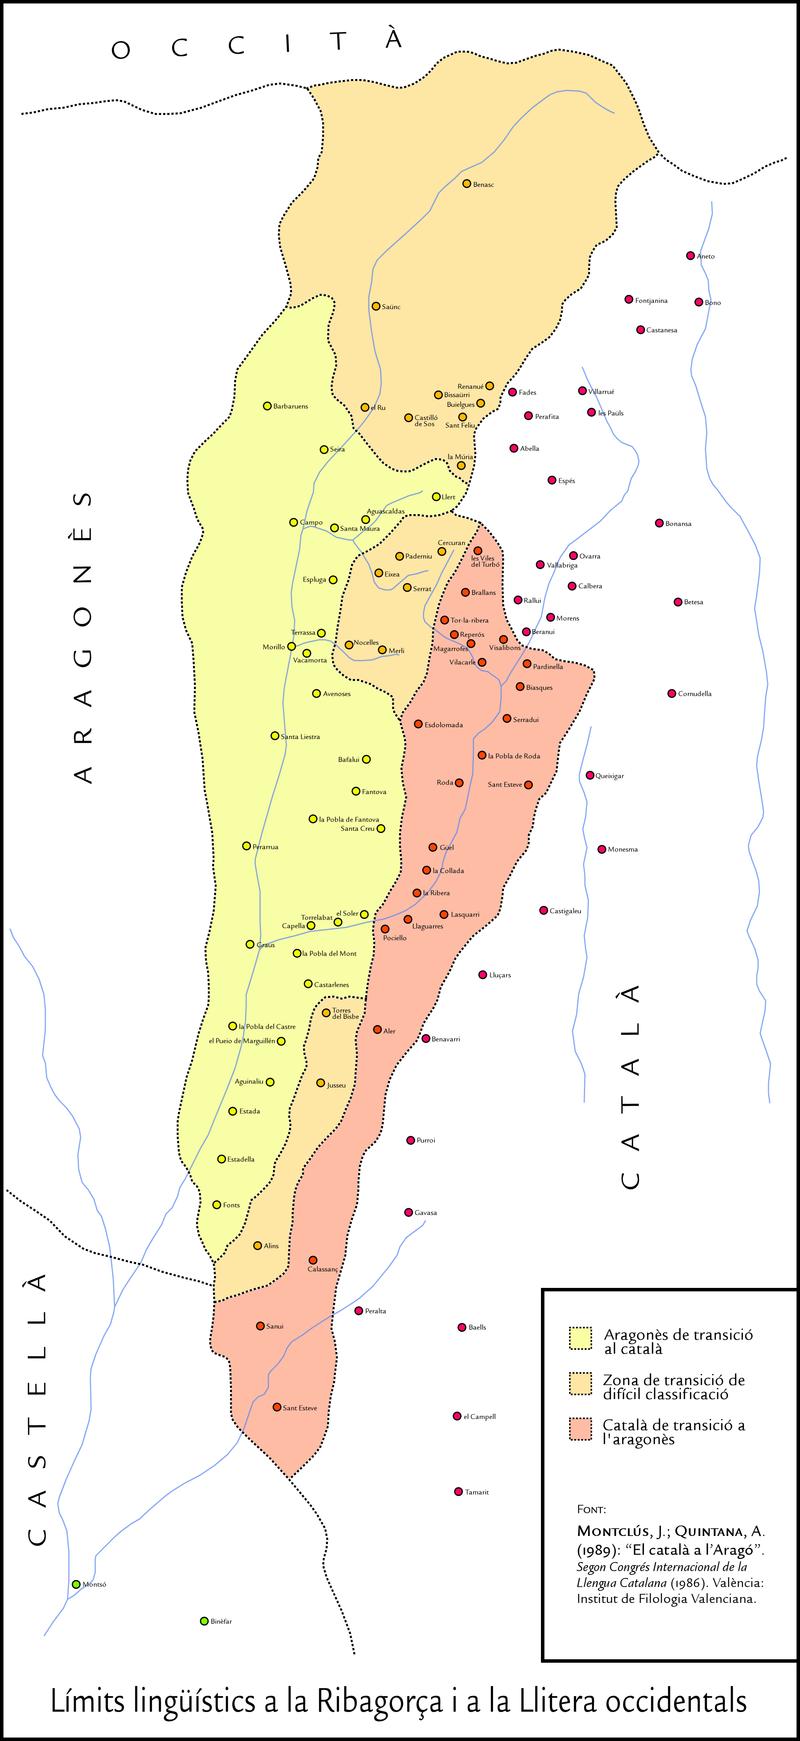 Límit entre l'aragonès i el català - Página 2 800px-Frontera_ling%C3%BC%C3%ADstica_aragon%C3%A8s-catal%C3%A0_%28Montcl%C3%BAs_%26_Quintana%2C_1989%29